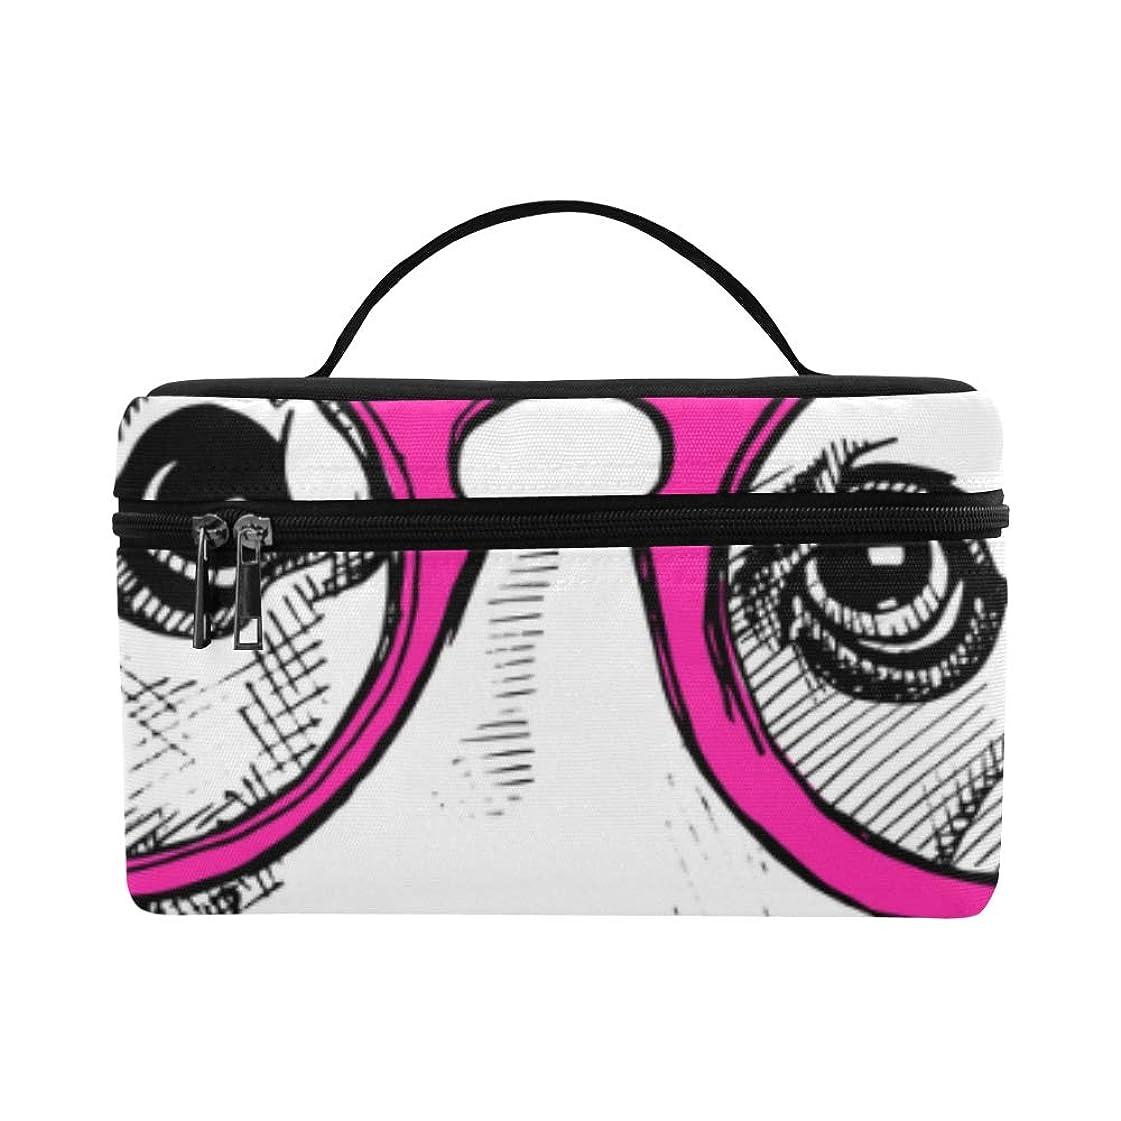 虎ガードハントHAYO メイクボックス 面白い眼鏡をかけている犬 コスメ収納 化粧品収納ケース 大容量 収納ボックス 化粧品入れ 化粧バッグ 旅行用 メイクブラシバッグ 化粧箱 持ち運び便利 プロ用